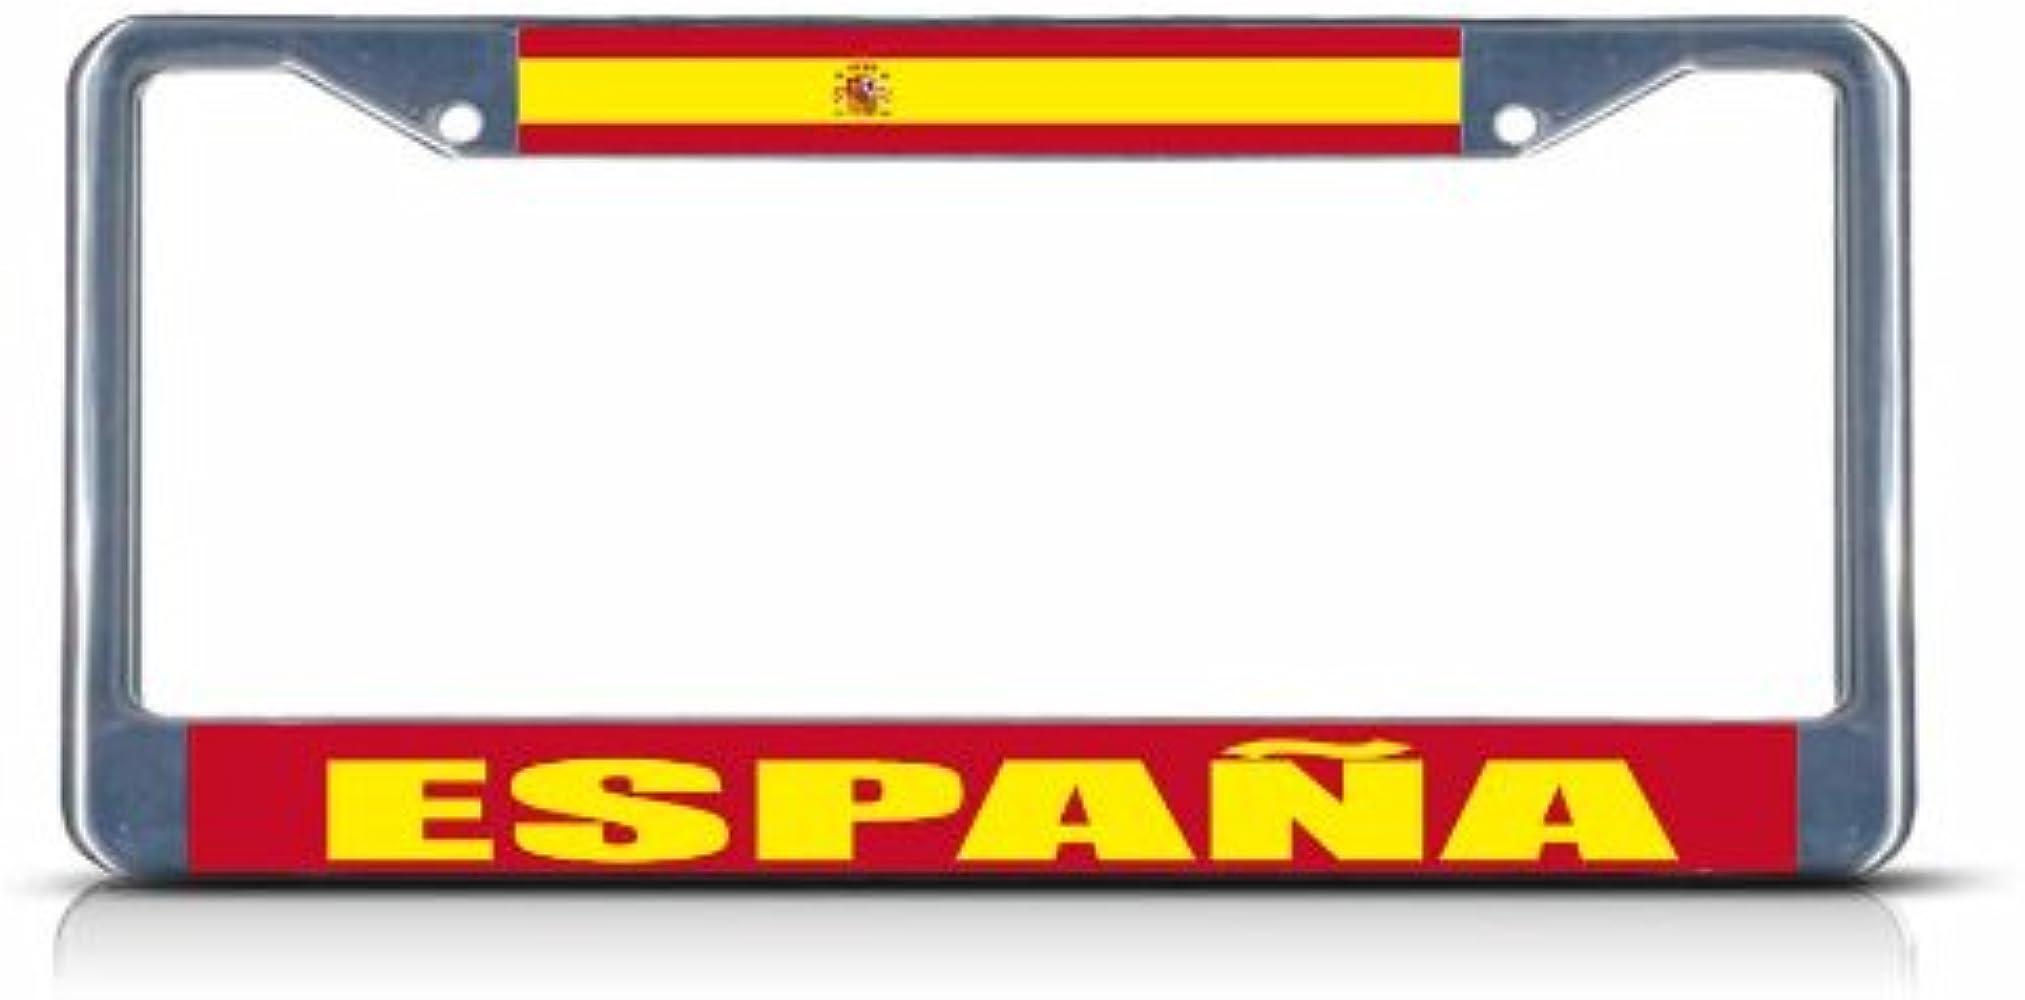 Espana bandera de España resistente de Metal Chrome License Plate Frame Tag frontera: Amazon.es: Ropa y accesorios